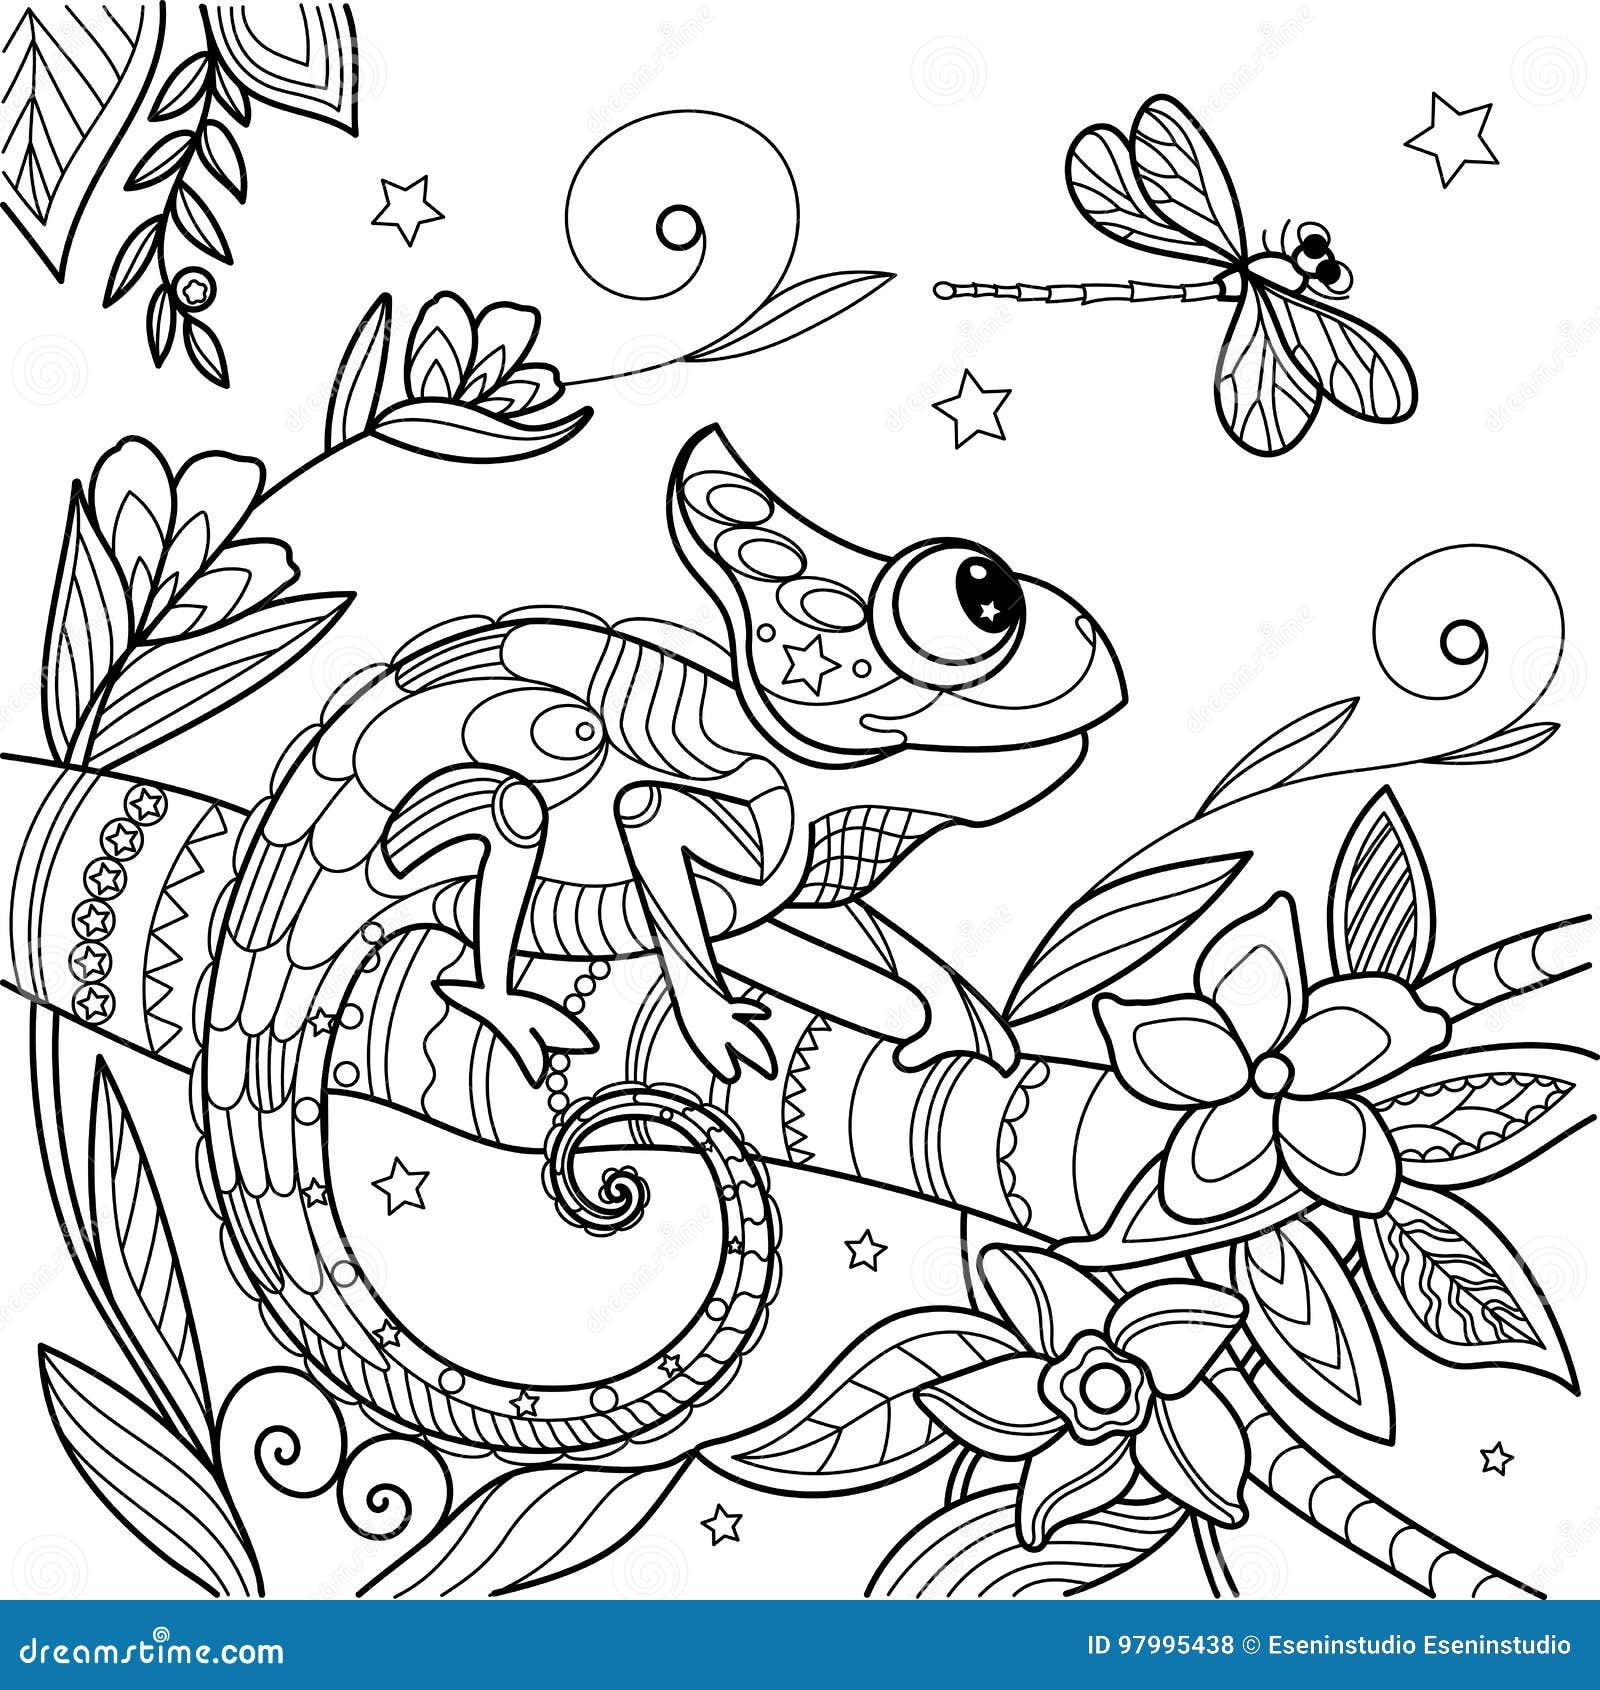 Camaleao Antistress Desenho De Escova Chines Da Tinta Do Lagarto